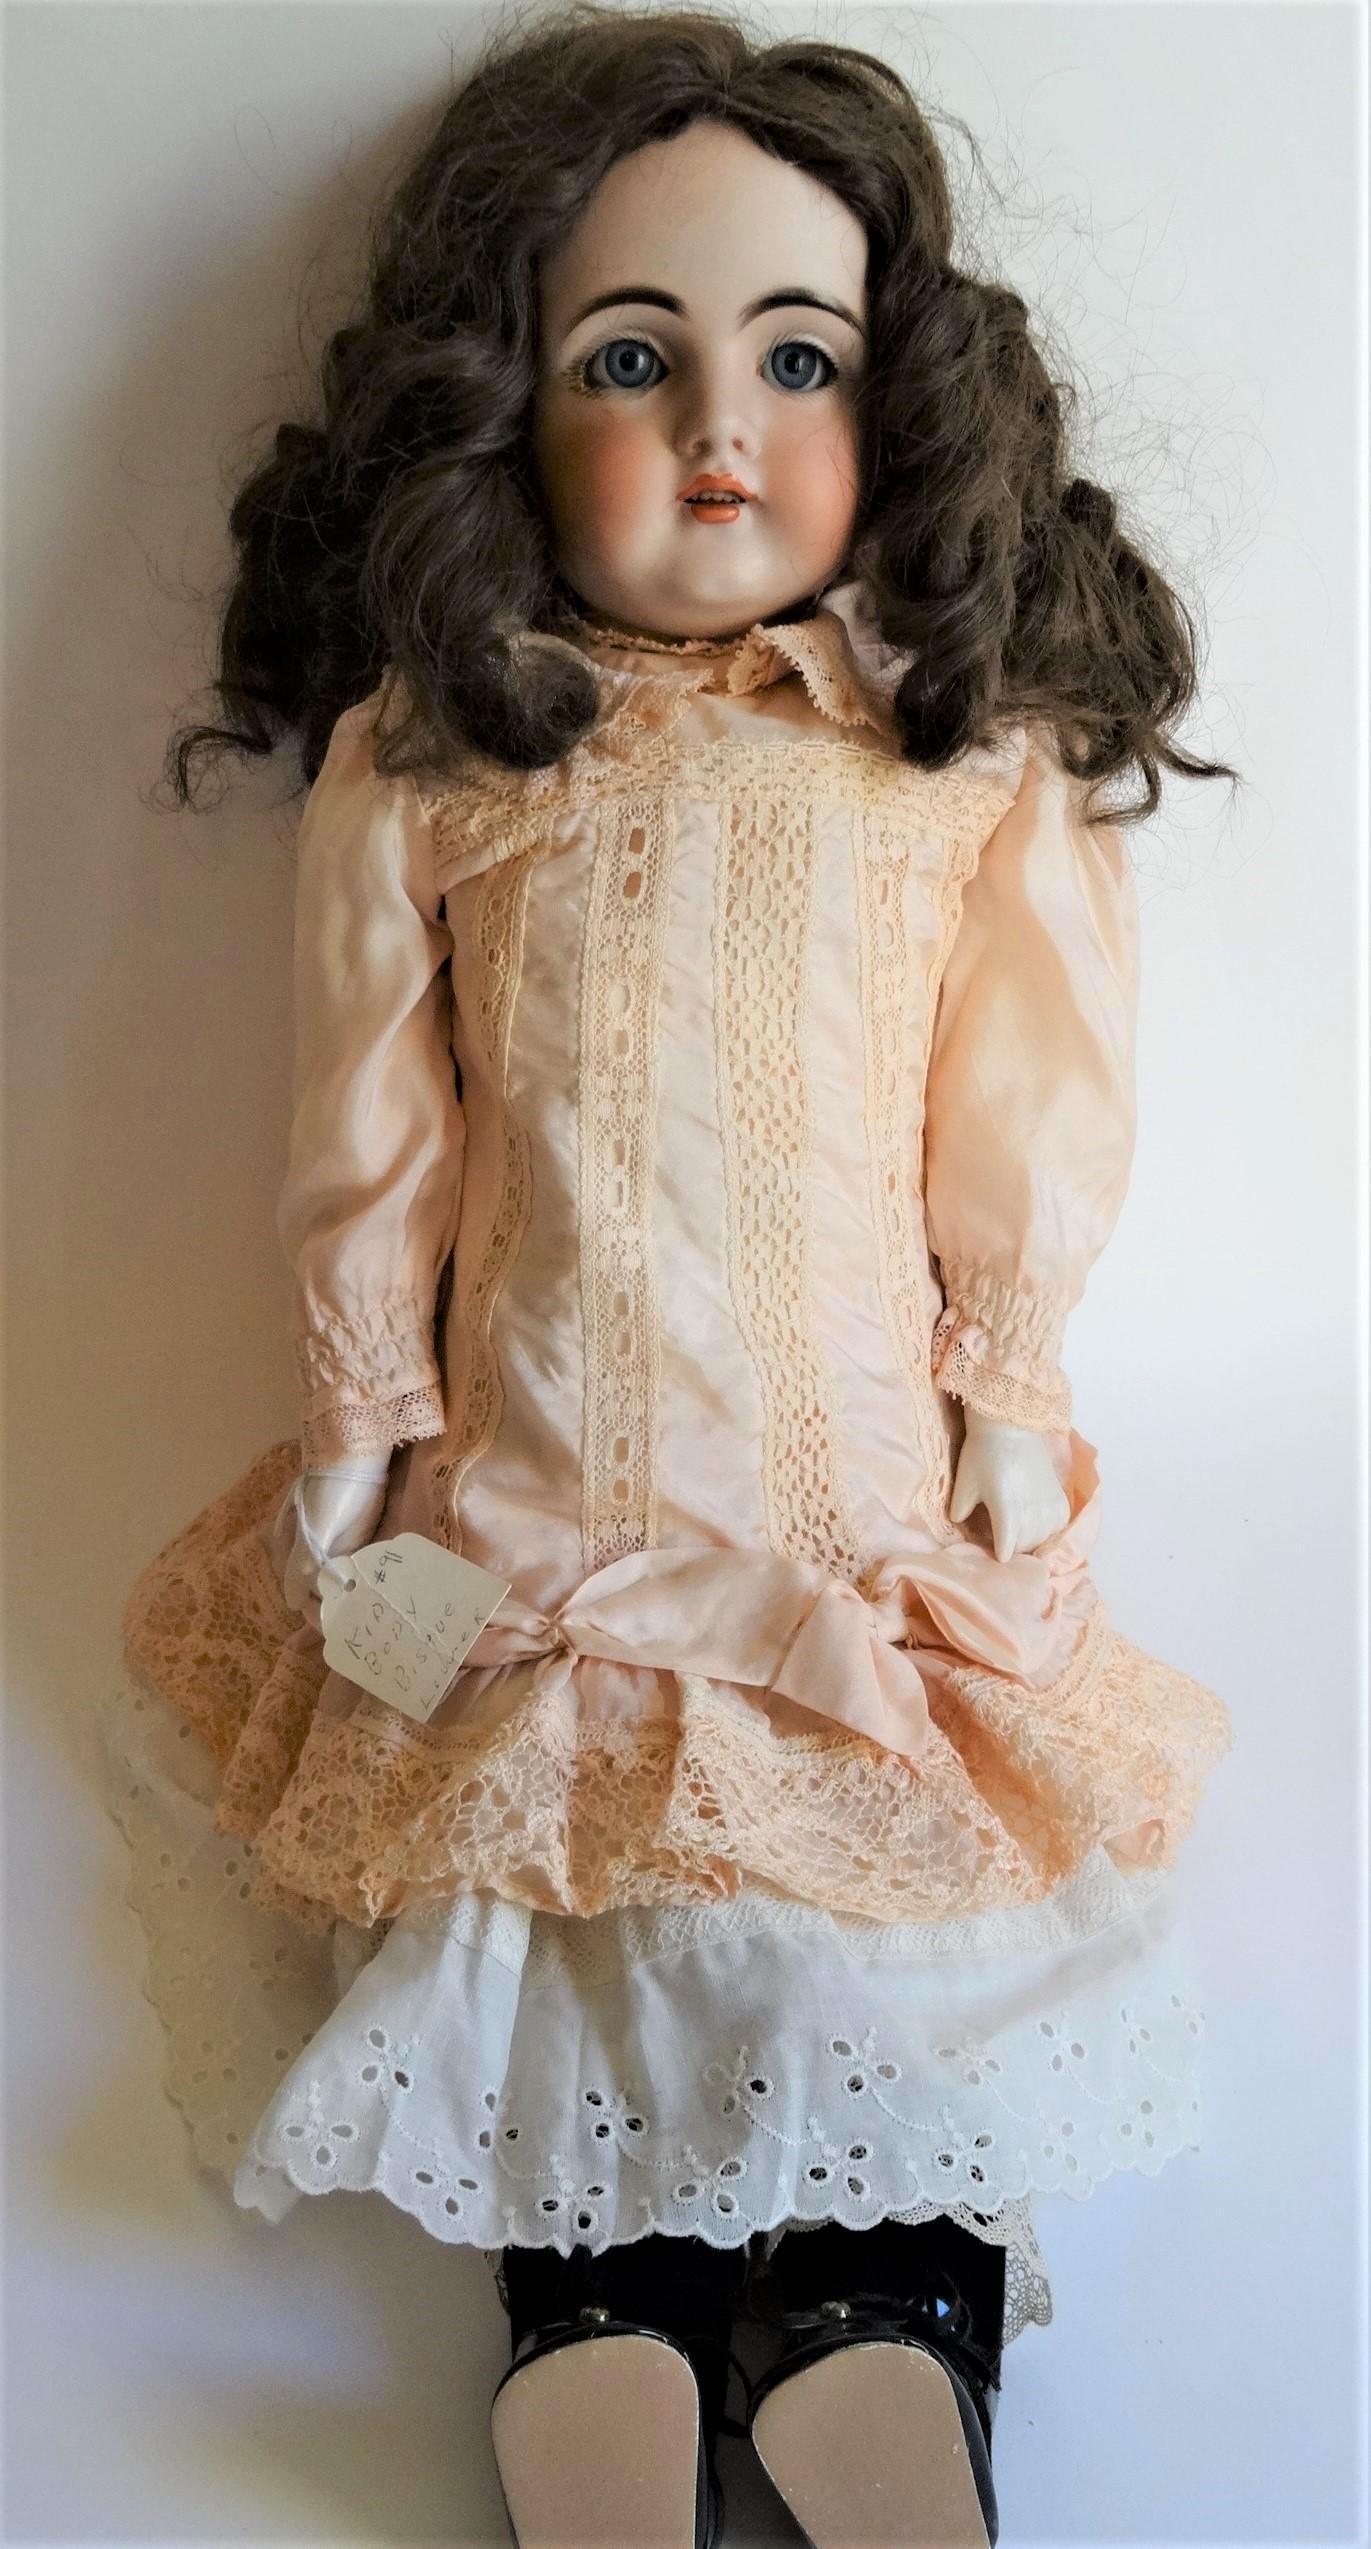 DEP 11 marked 154  bisque antique doll